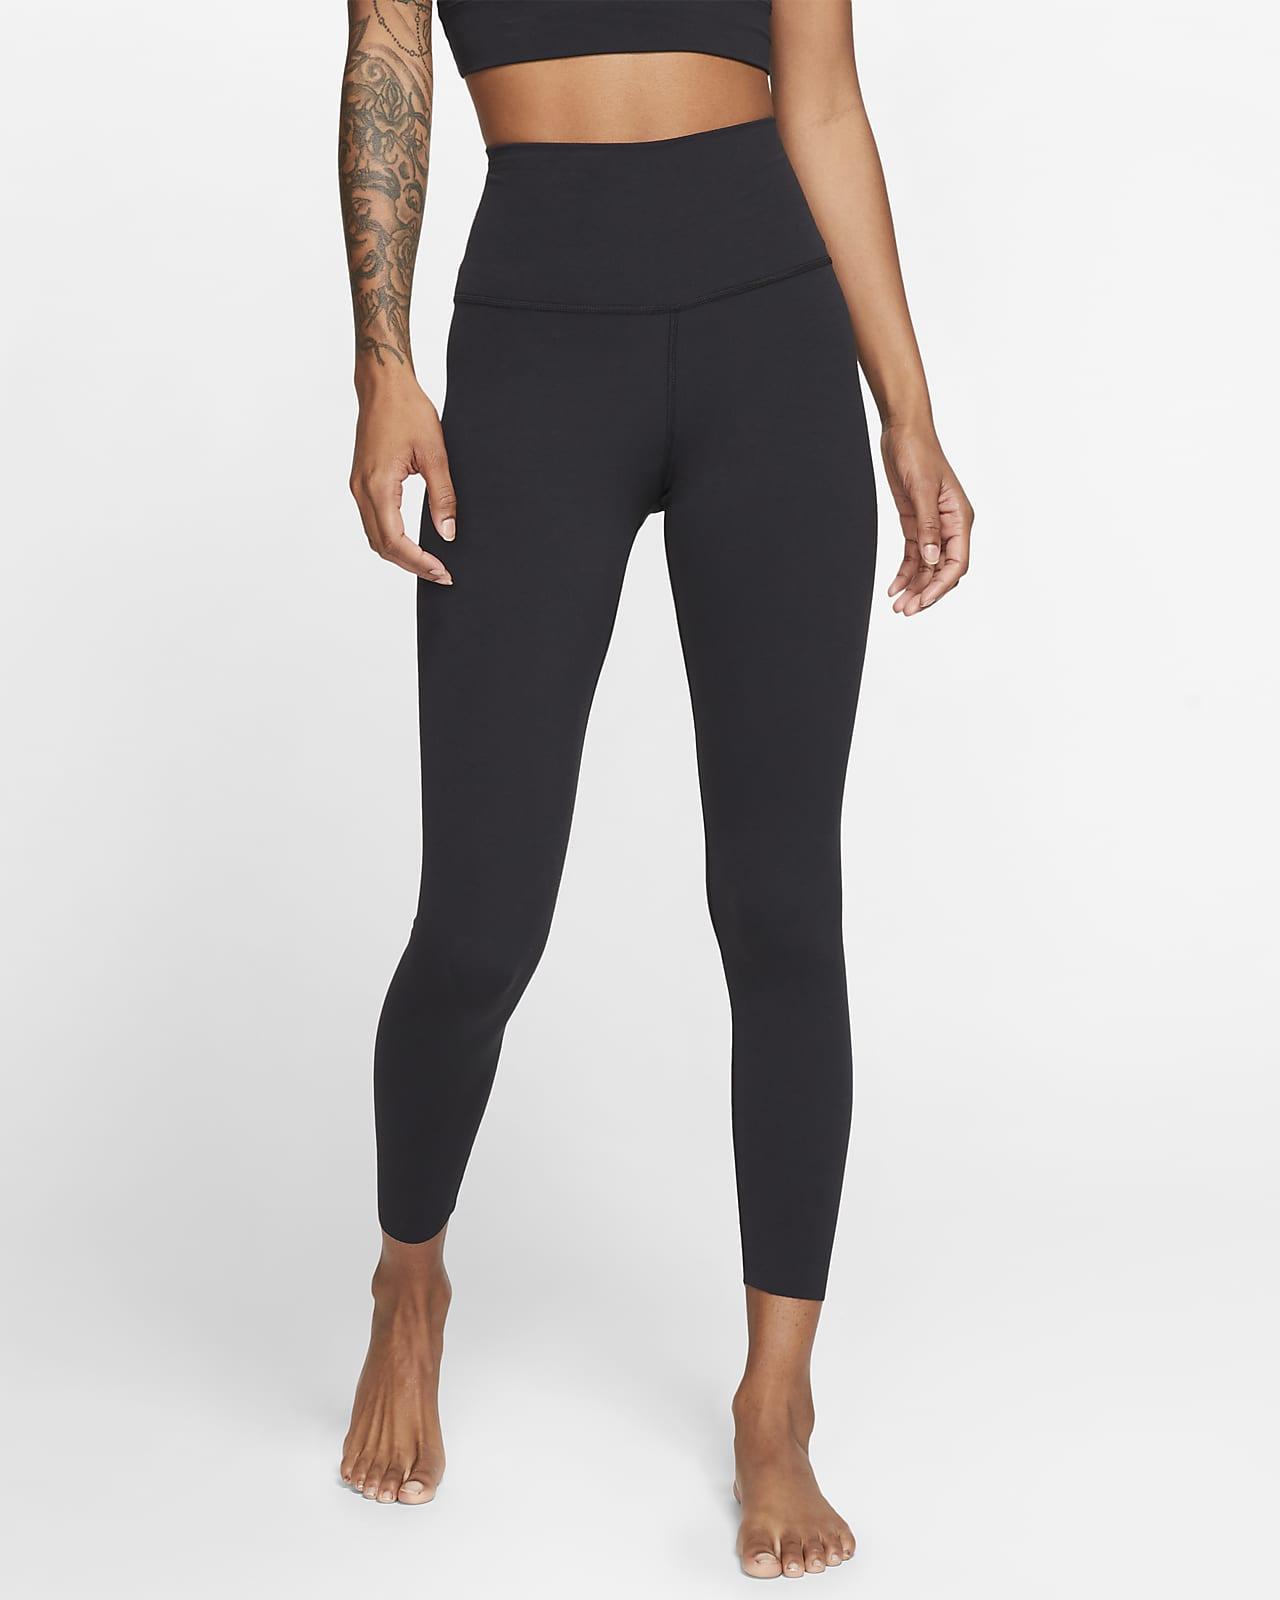 Γυναικείο ψηλόμεσο κολάν Infinalon 7/8 Nike Yoga Luxe